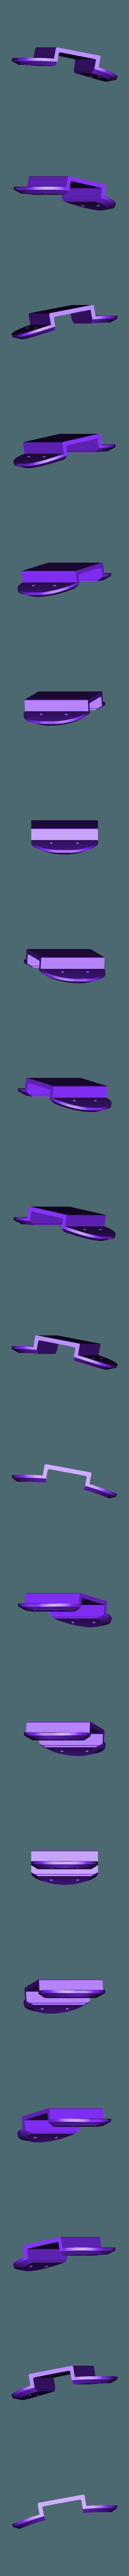 001.stl Télécharger fichier STL gratuit 3DvsCOVID19 Sauterelles PARAMETRIQUES DOUANIERES Mains Libres Ouvre-portes imprimées 3D pour aider à lutter contre la propagation des coronavirus • Plan pour impression 3D, Othmane